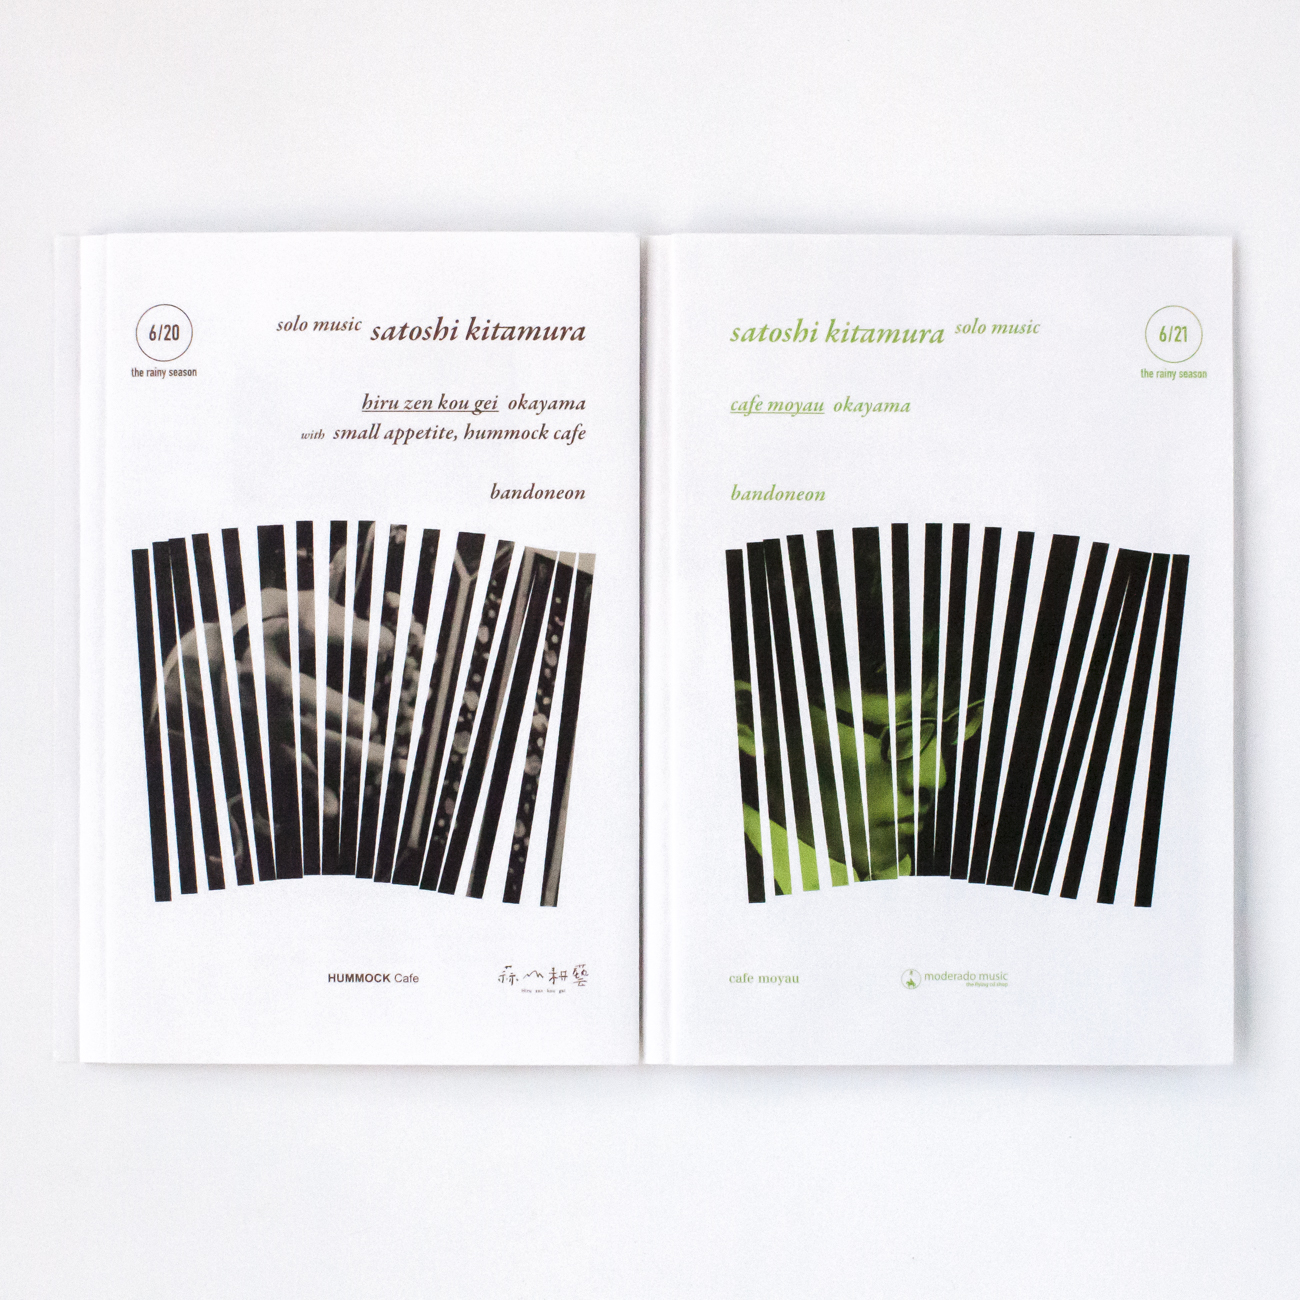 北村聡 バンドネオン ソロ|Satoshi Kitamura Solo Music|蛇腹リーフレット ポスター グラフィックデザイン|岡山 2days